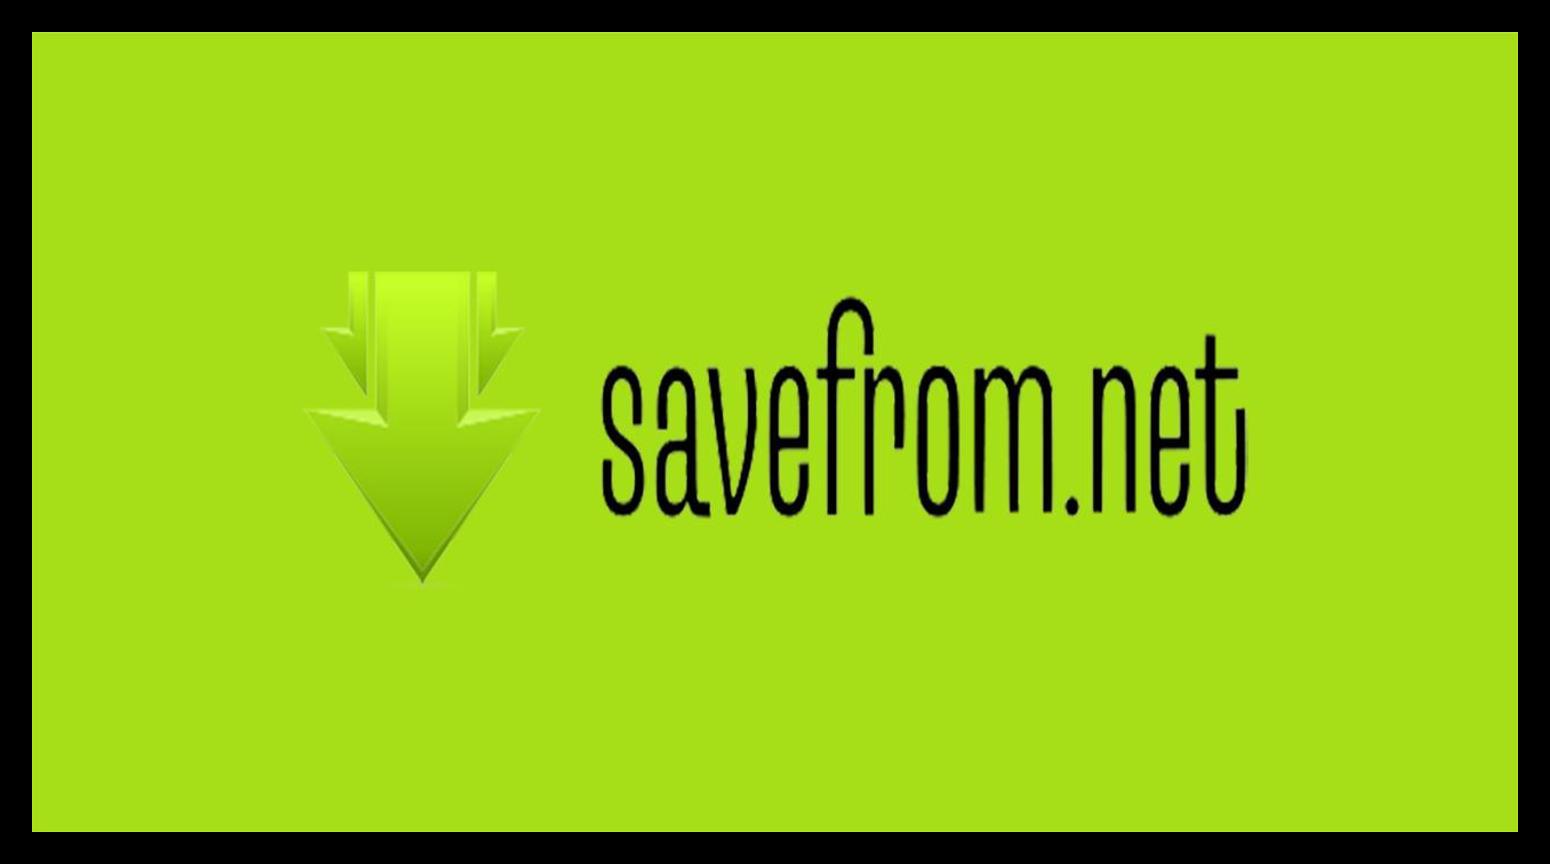 Картинка SaveFrom.net